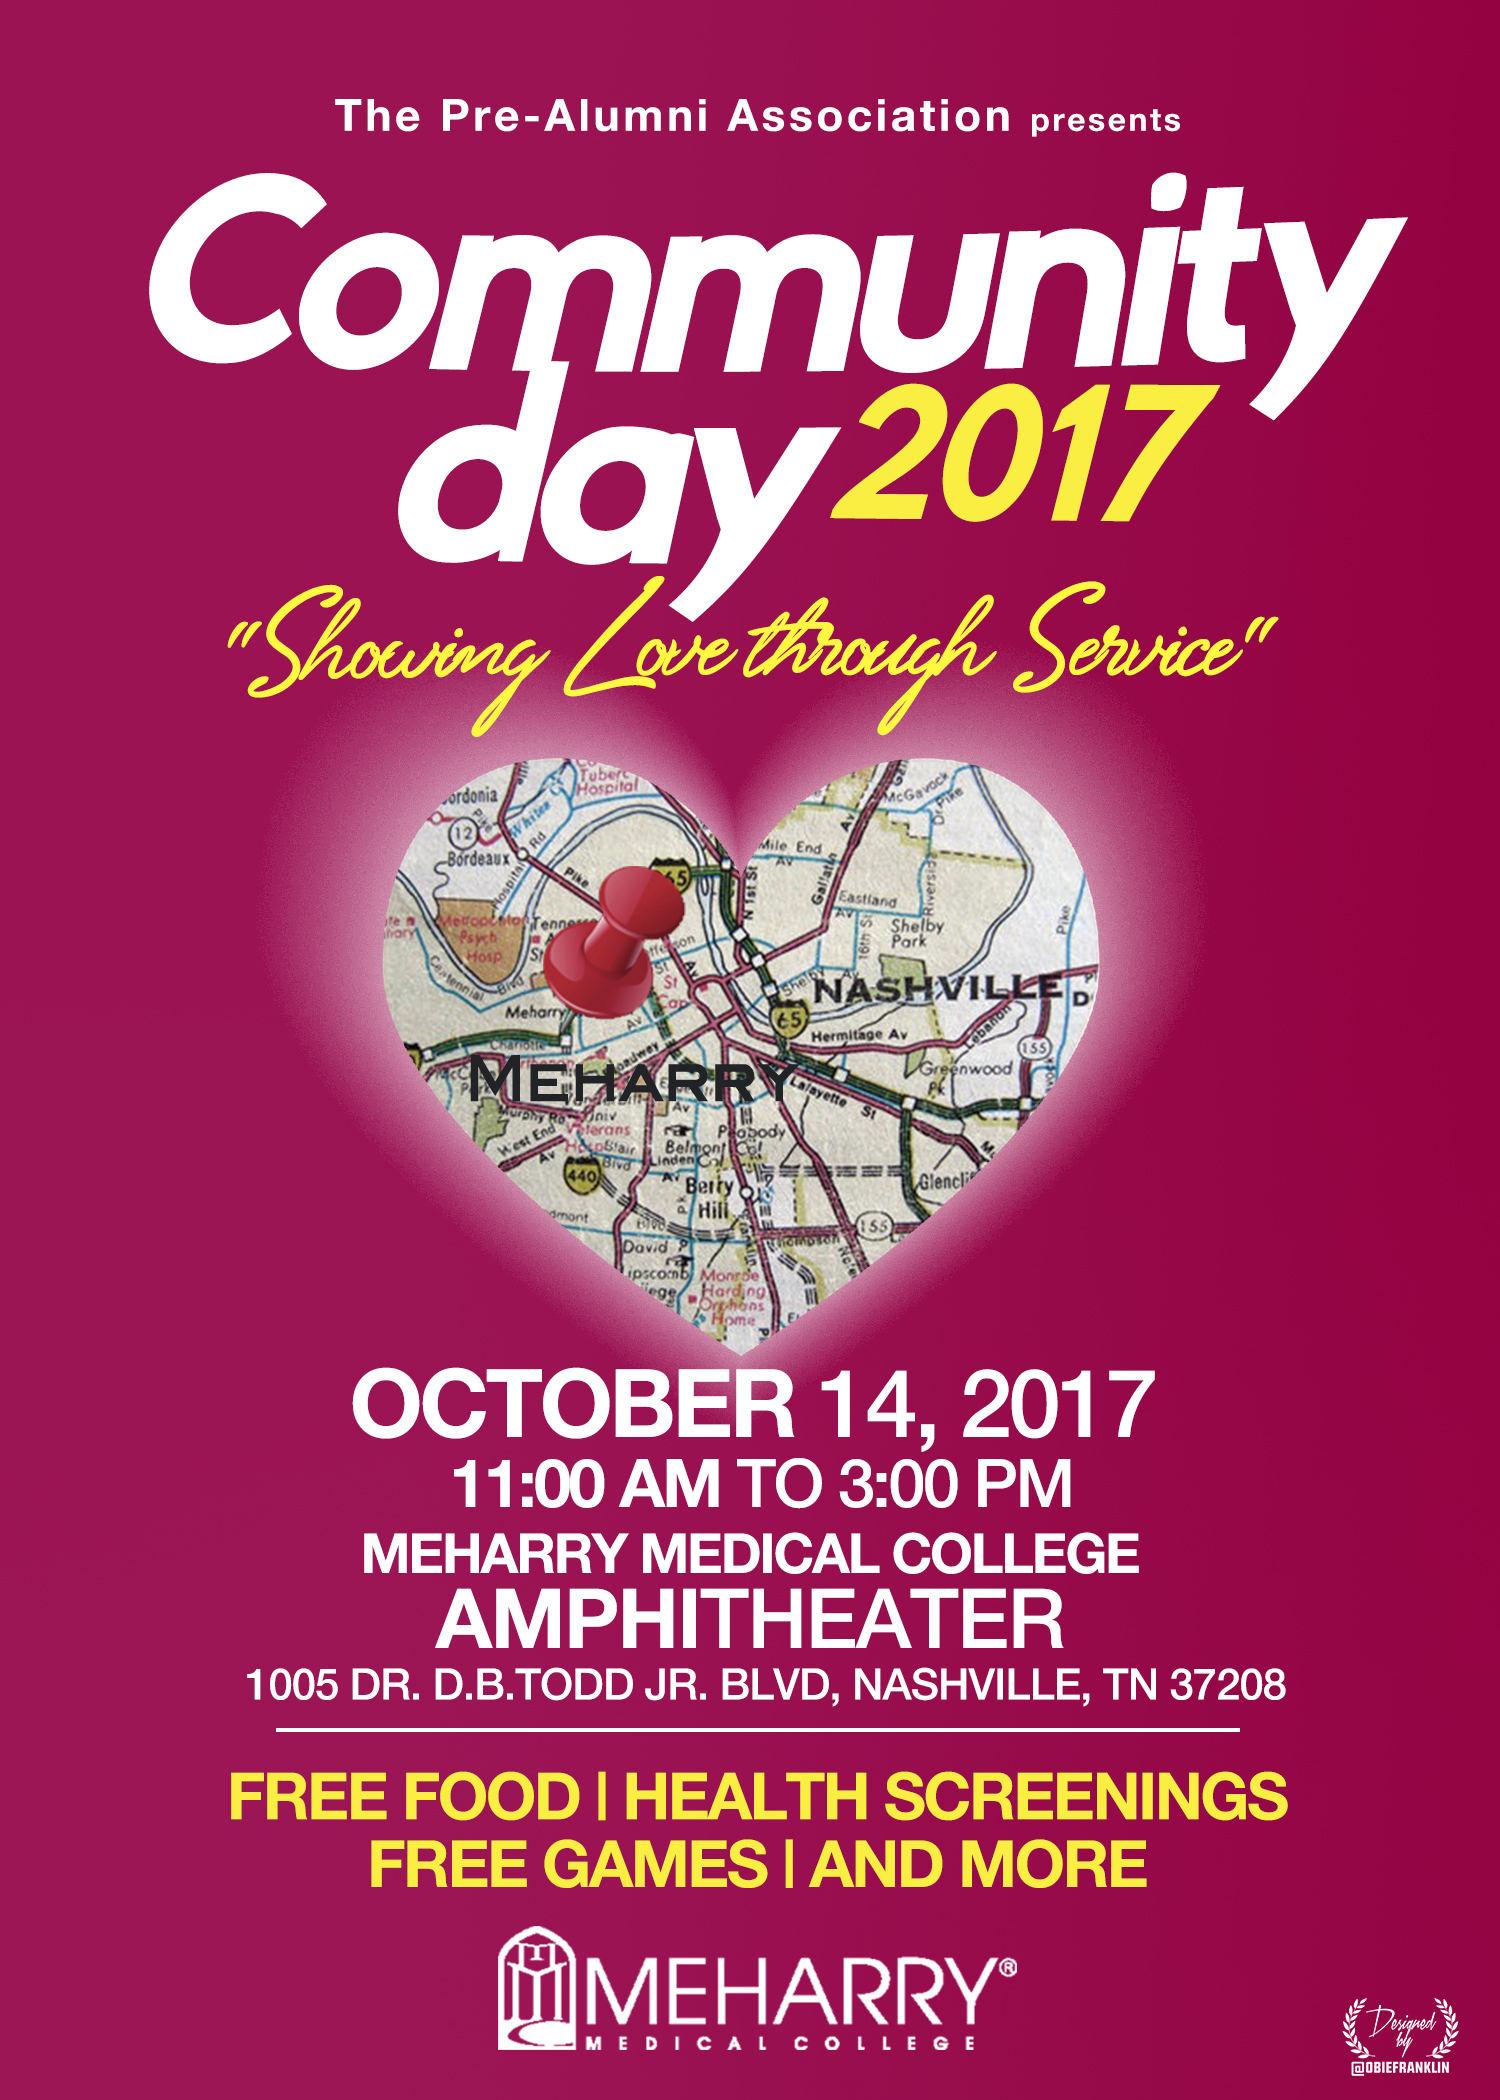 community day 2017 flyer